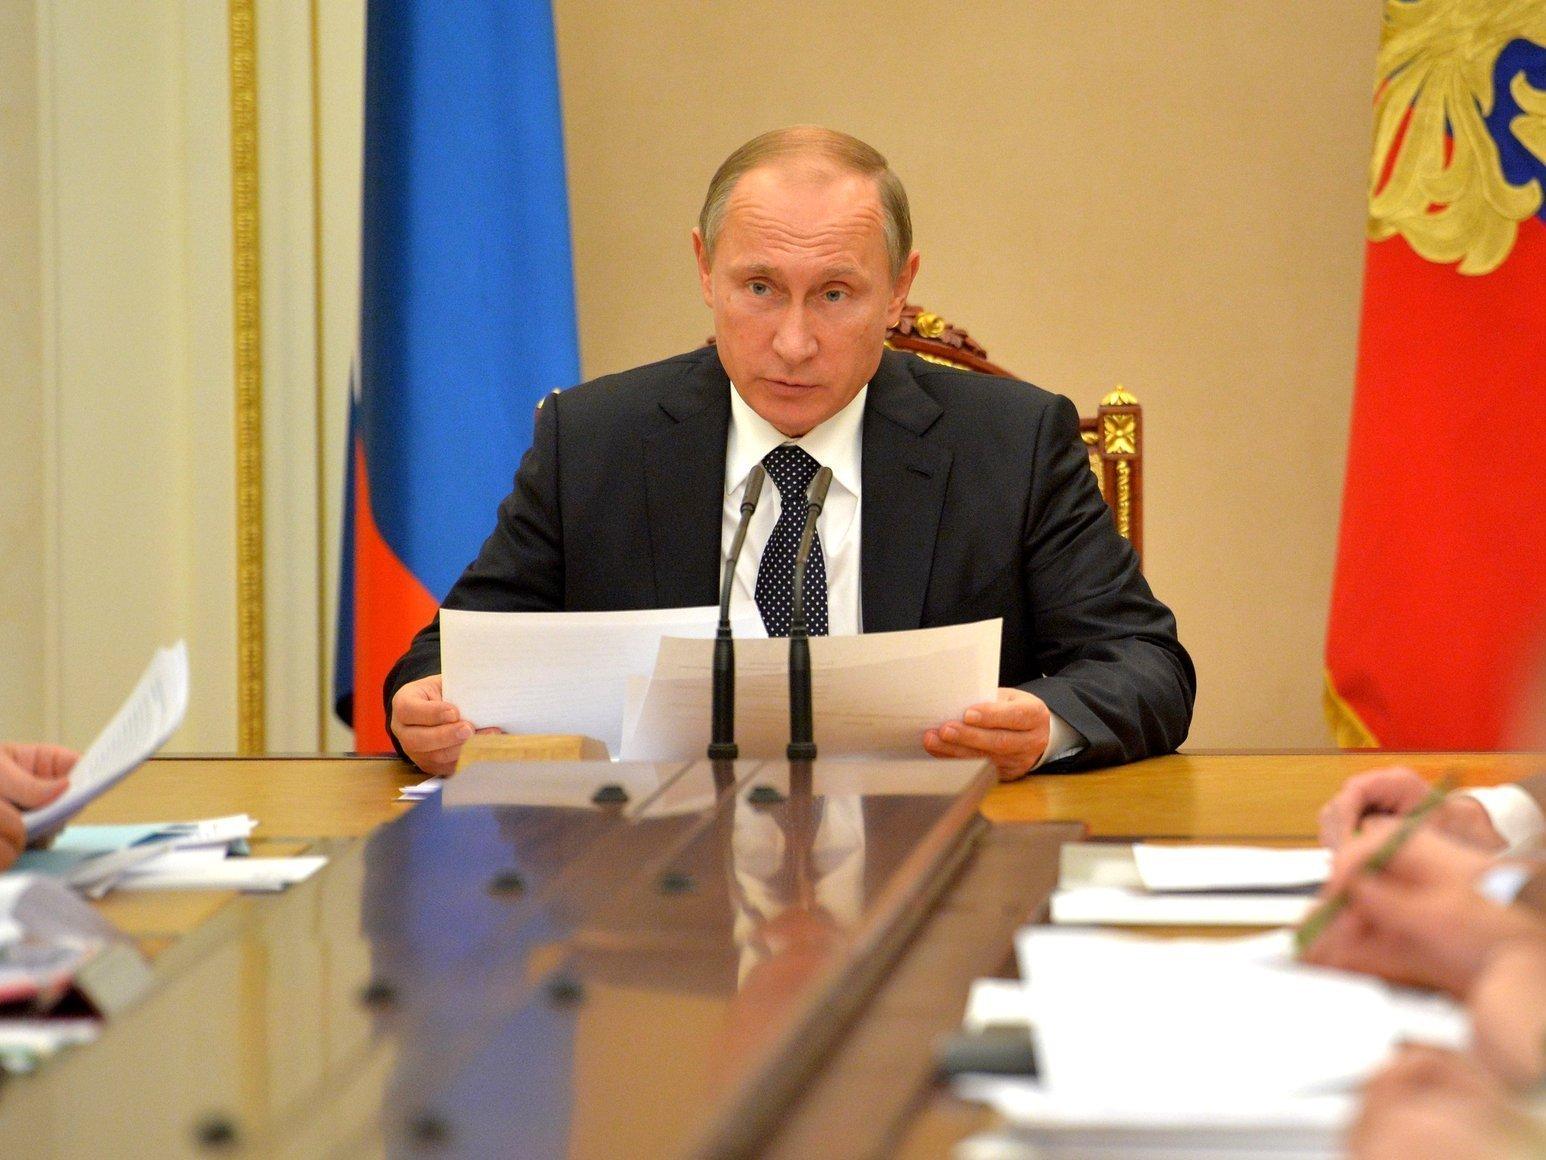 Д. Медведев предложил сделать комиссию посовершенствованию госуправления